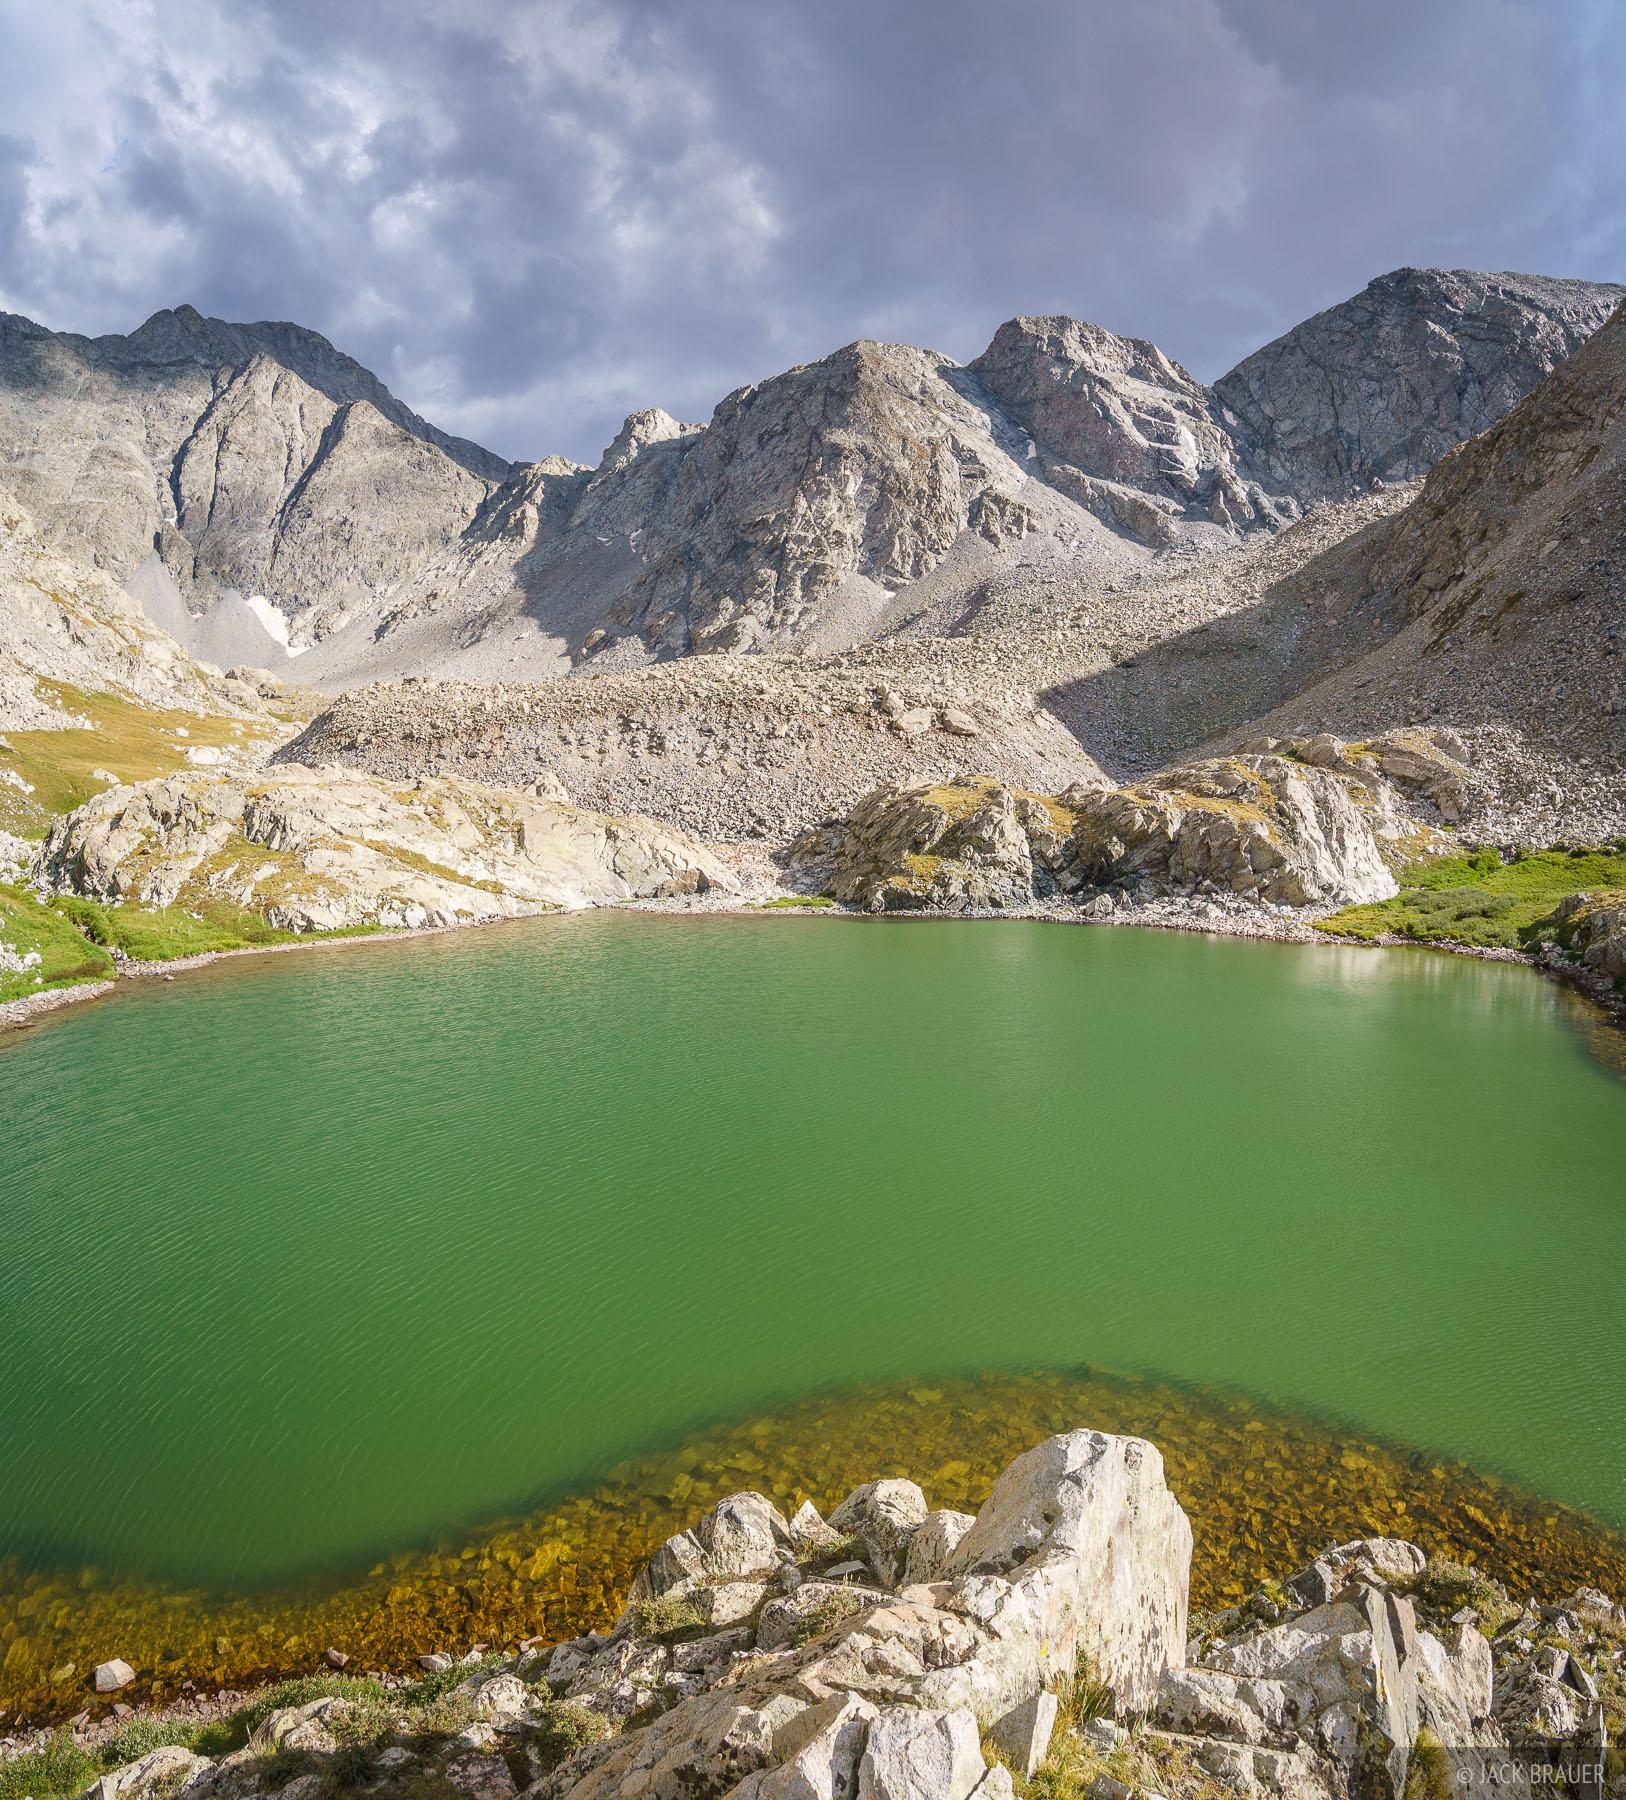 Colorado, Ellingwood Point, Sangre de Cristos, South Zapata Lake, Sangre de Cristo Wilderness, photo